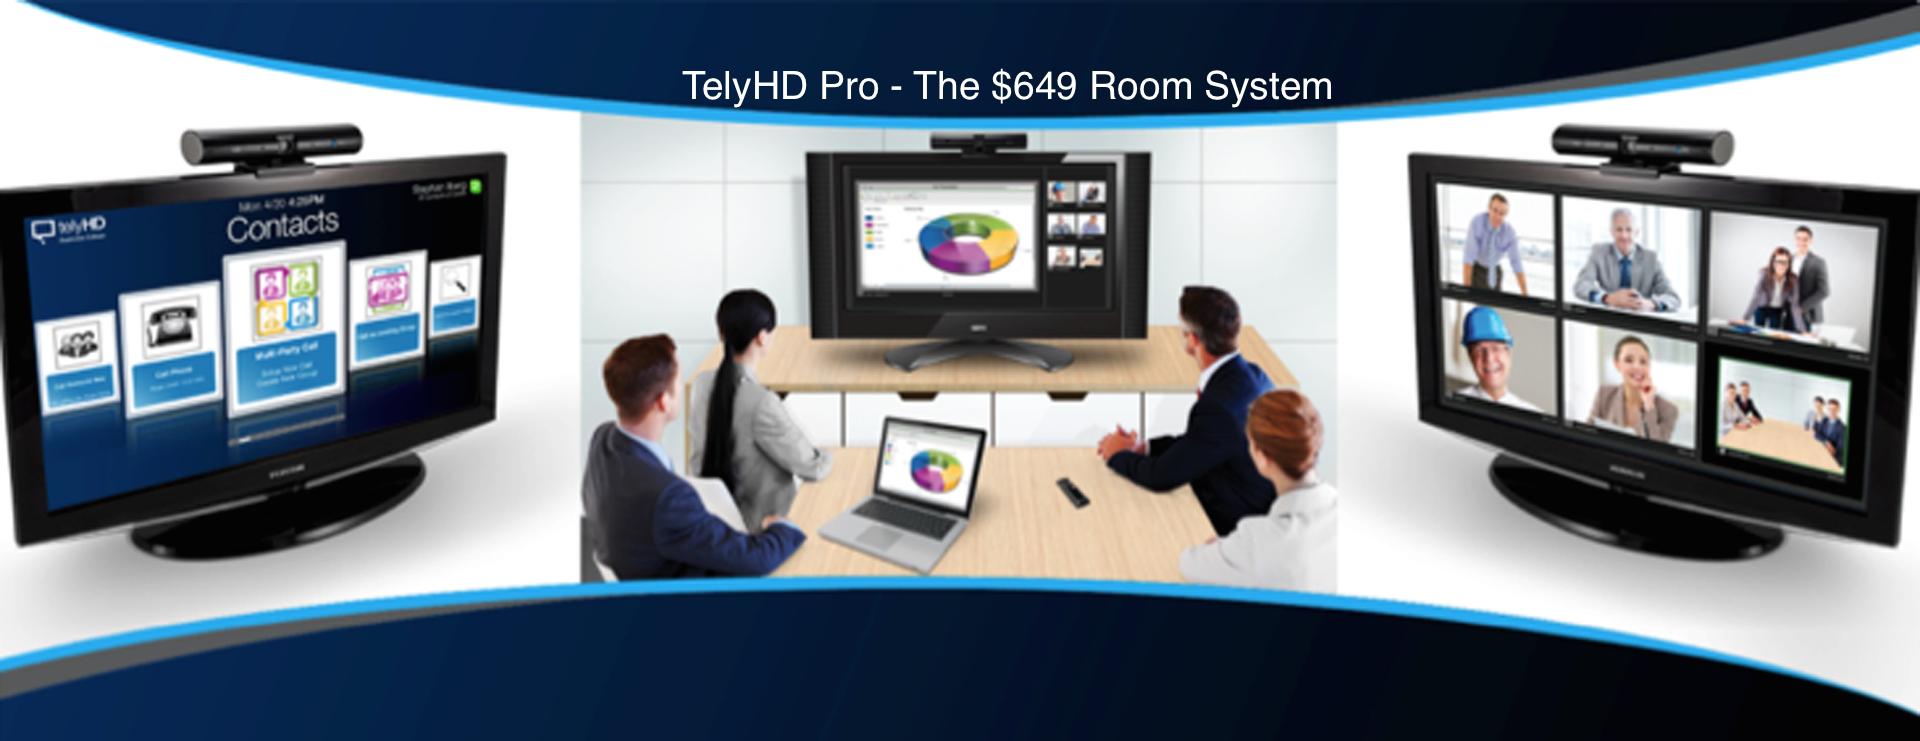 TelyHD Pro